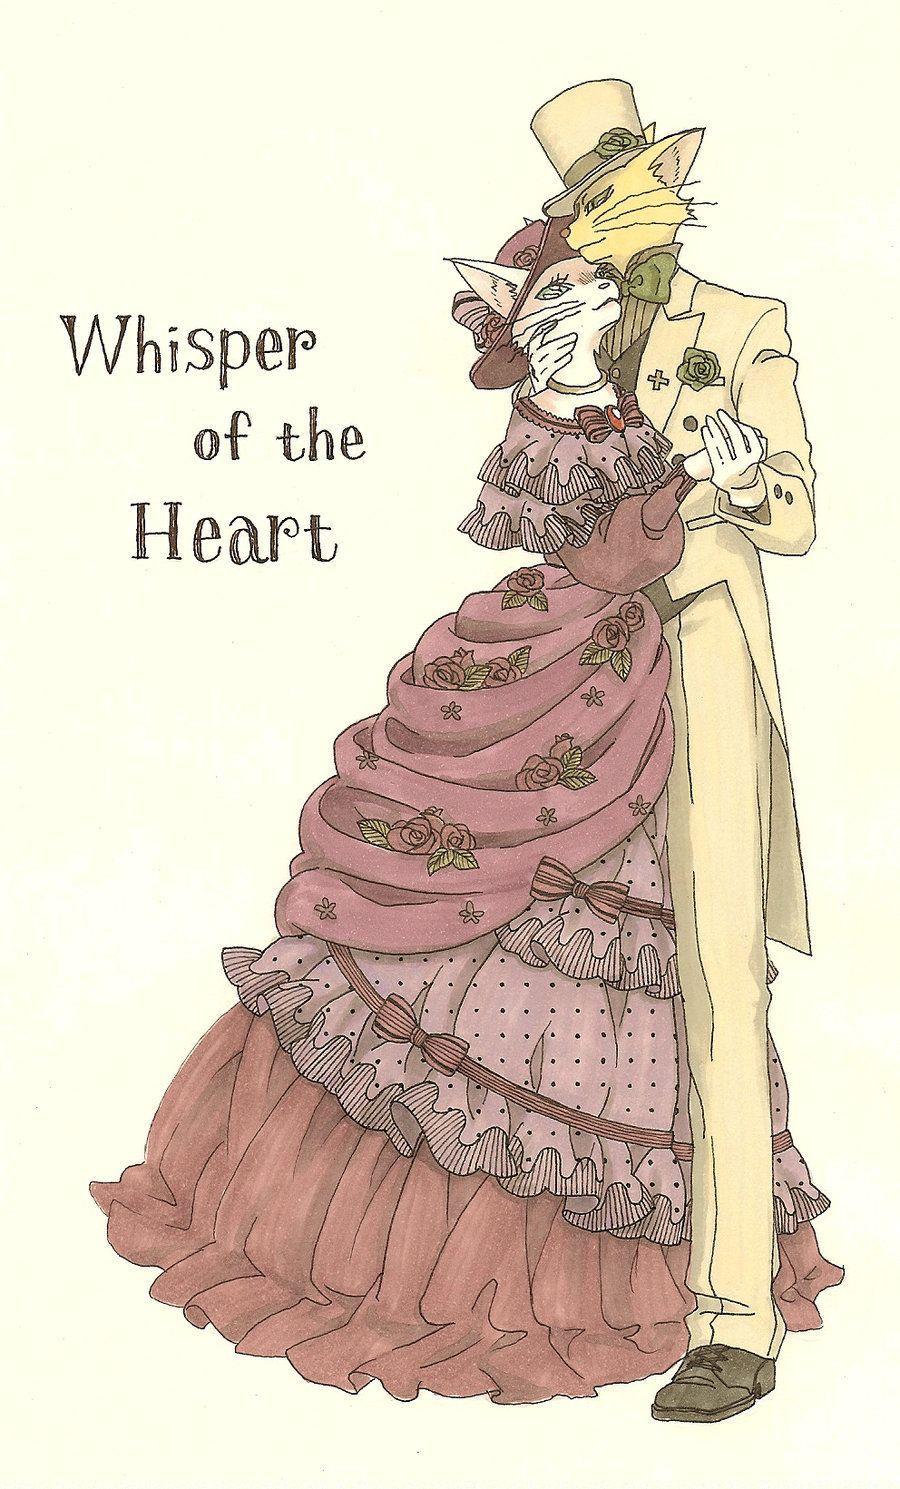 Whisper of the Heart by nako-2.deviantart.com on @deviantART